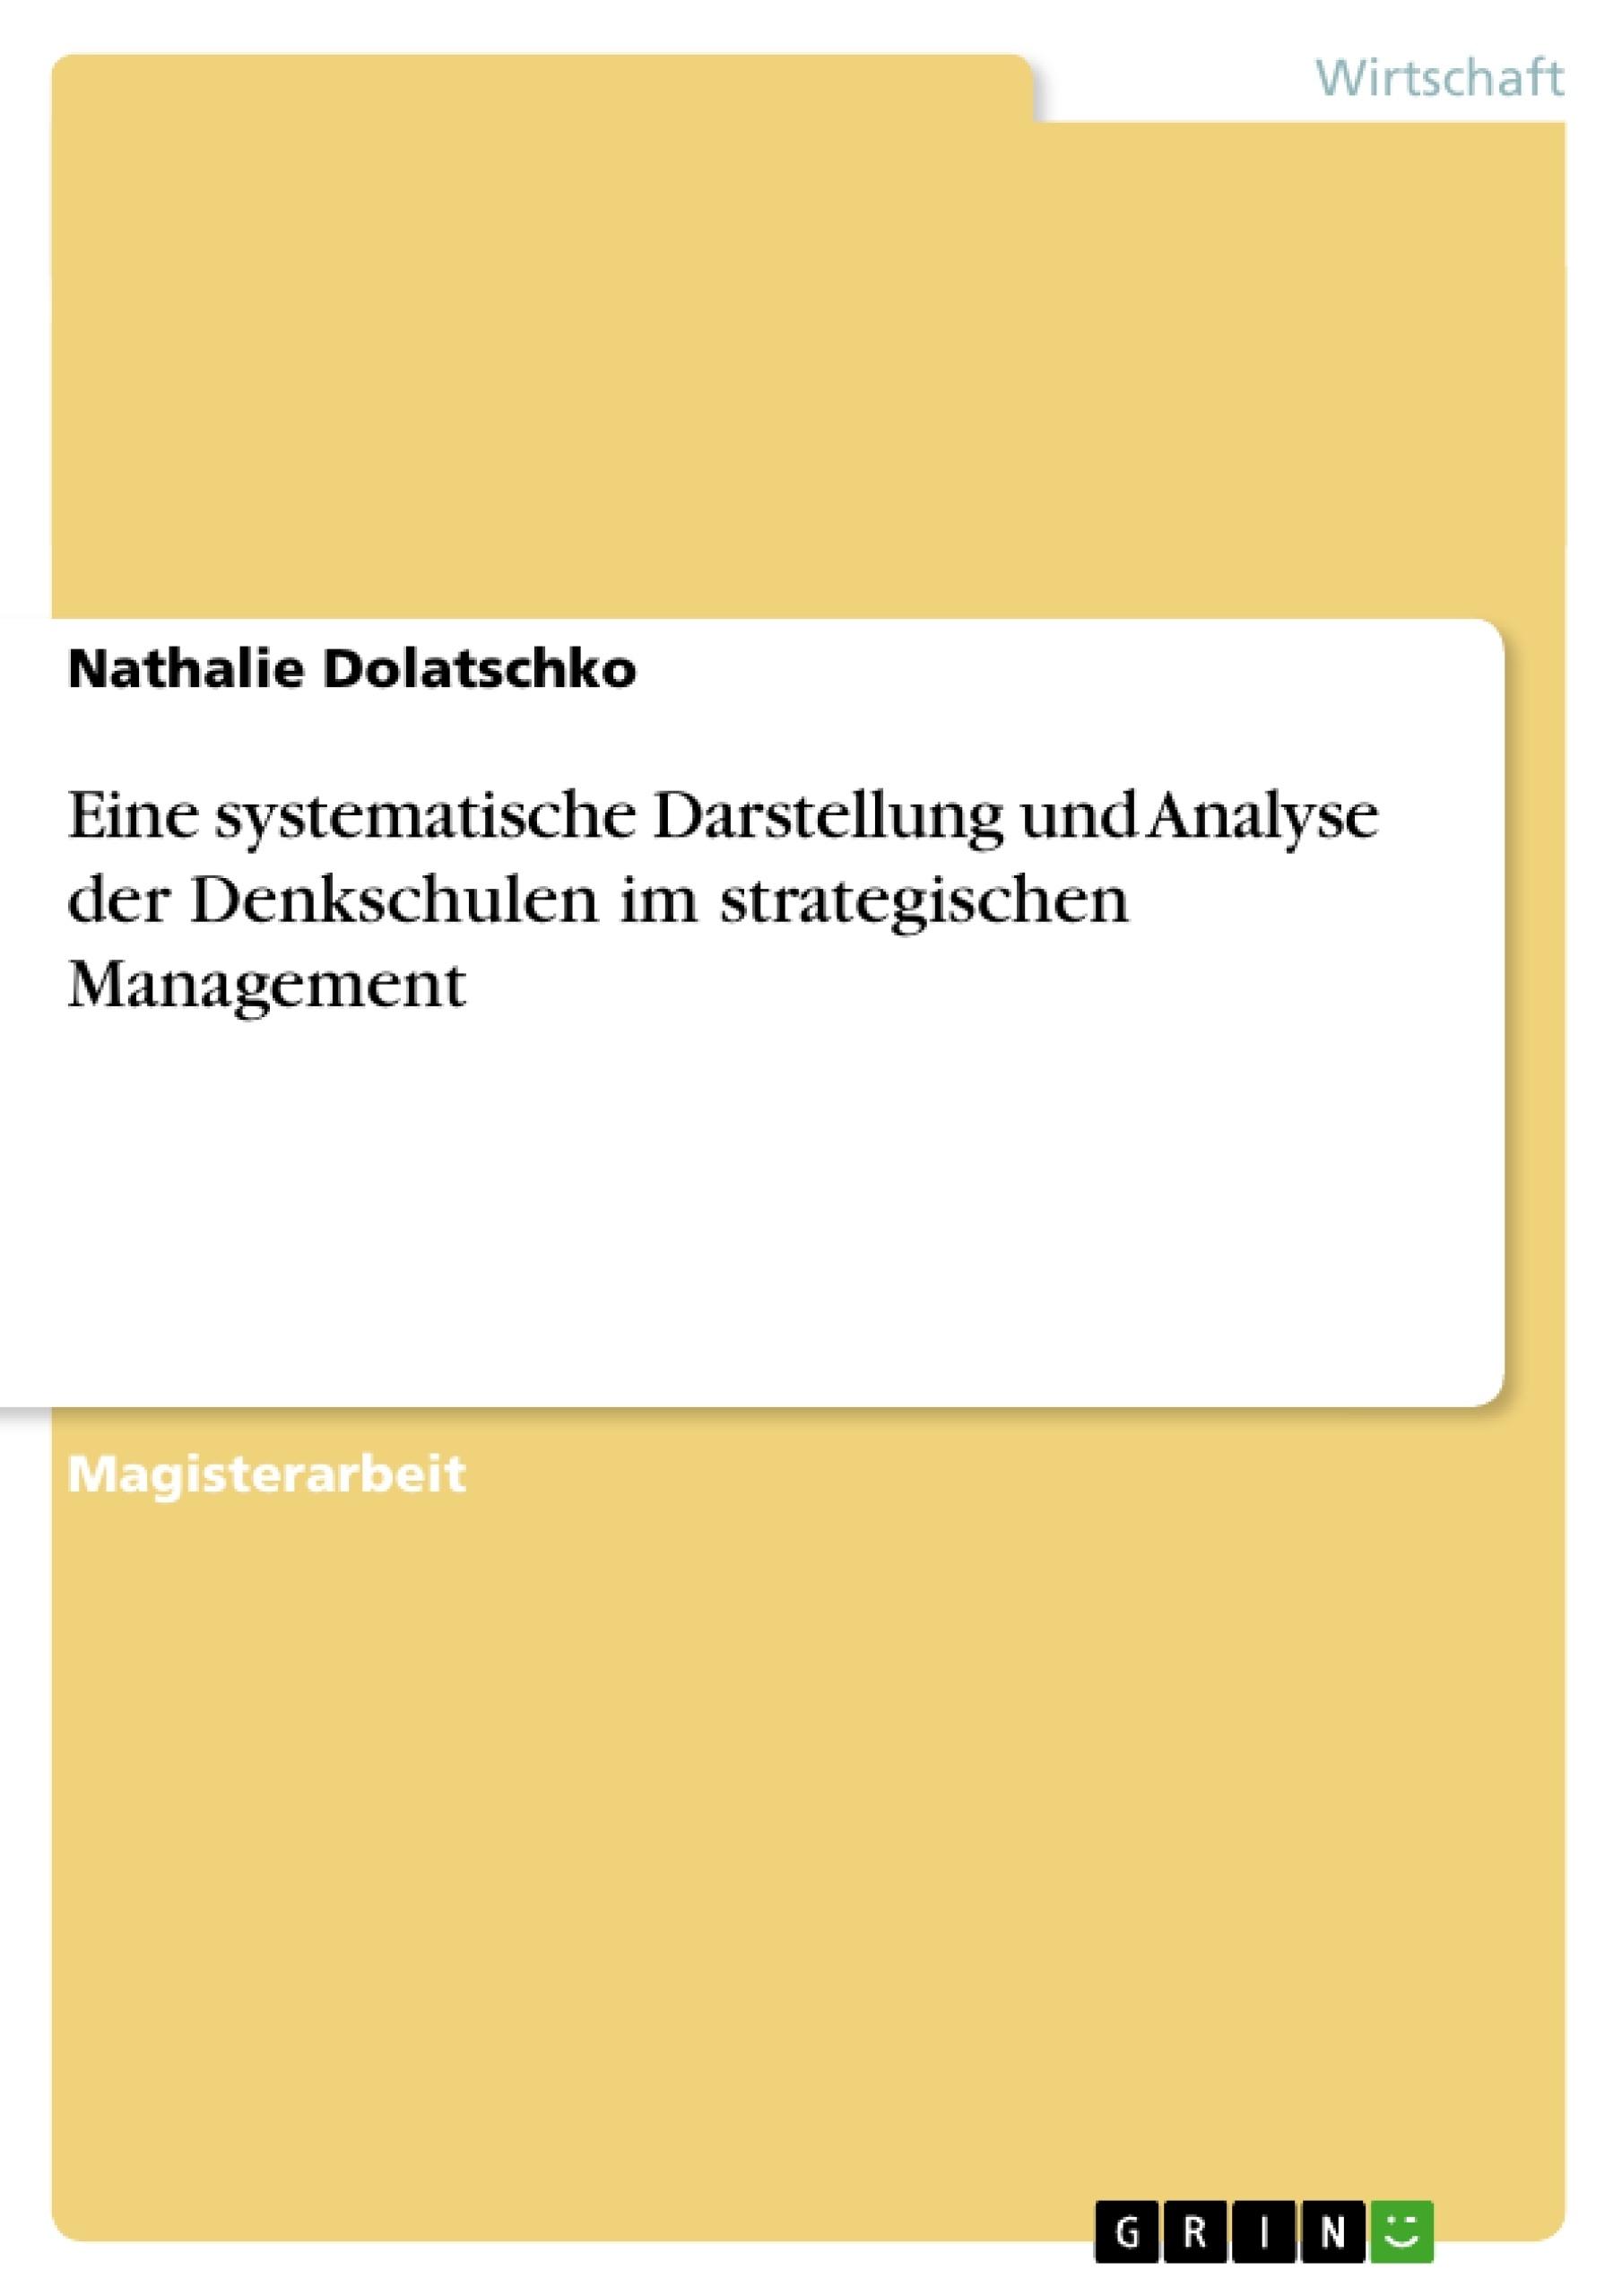 Titel: Eine systematische Darstellung und Analyse der Denkschulen im strategischen Management